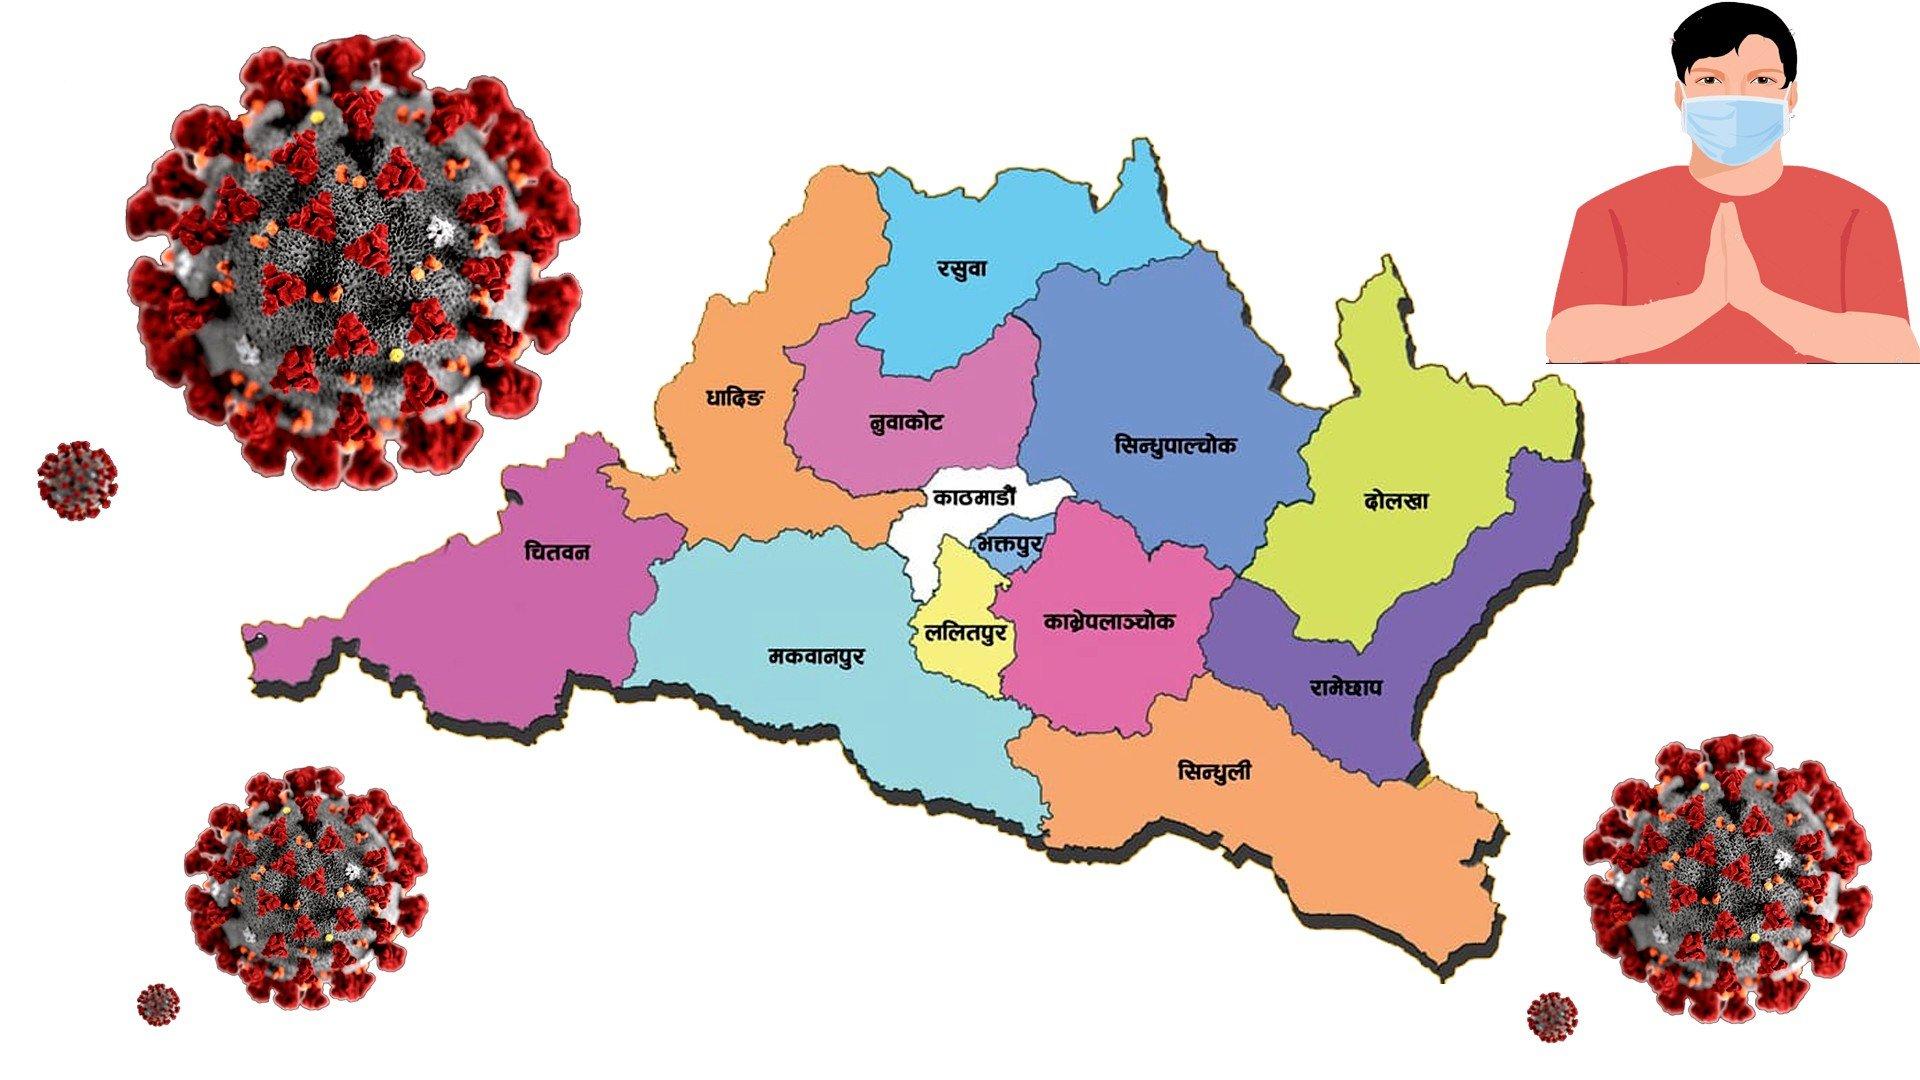 बागमती प्रदेशमा कोरोना संक्रमित सङ्ख्या ५० हजार नाघ्यो,धादिङ सातौँ नम्बरमा